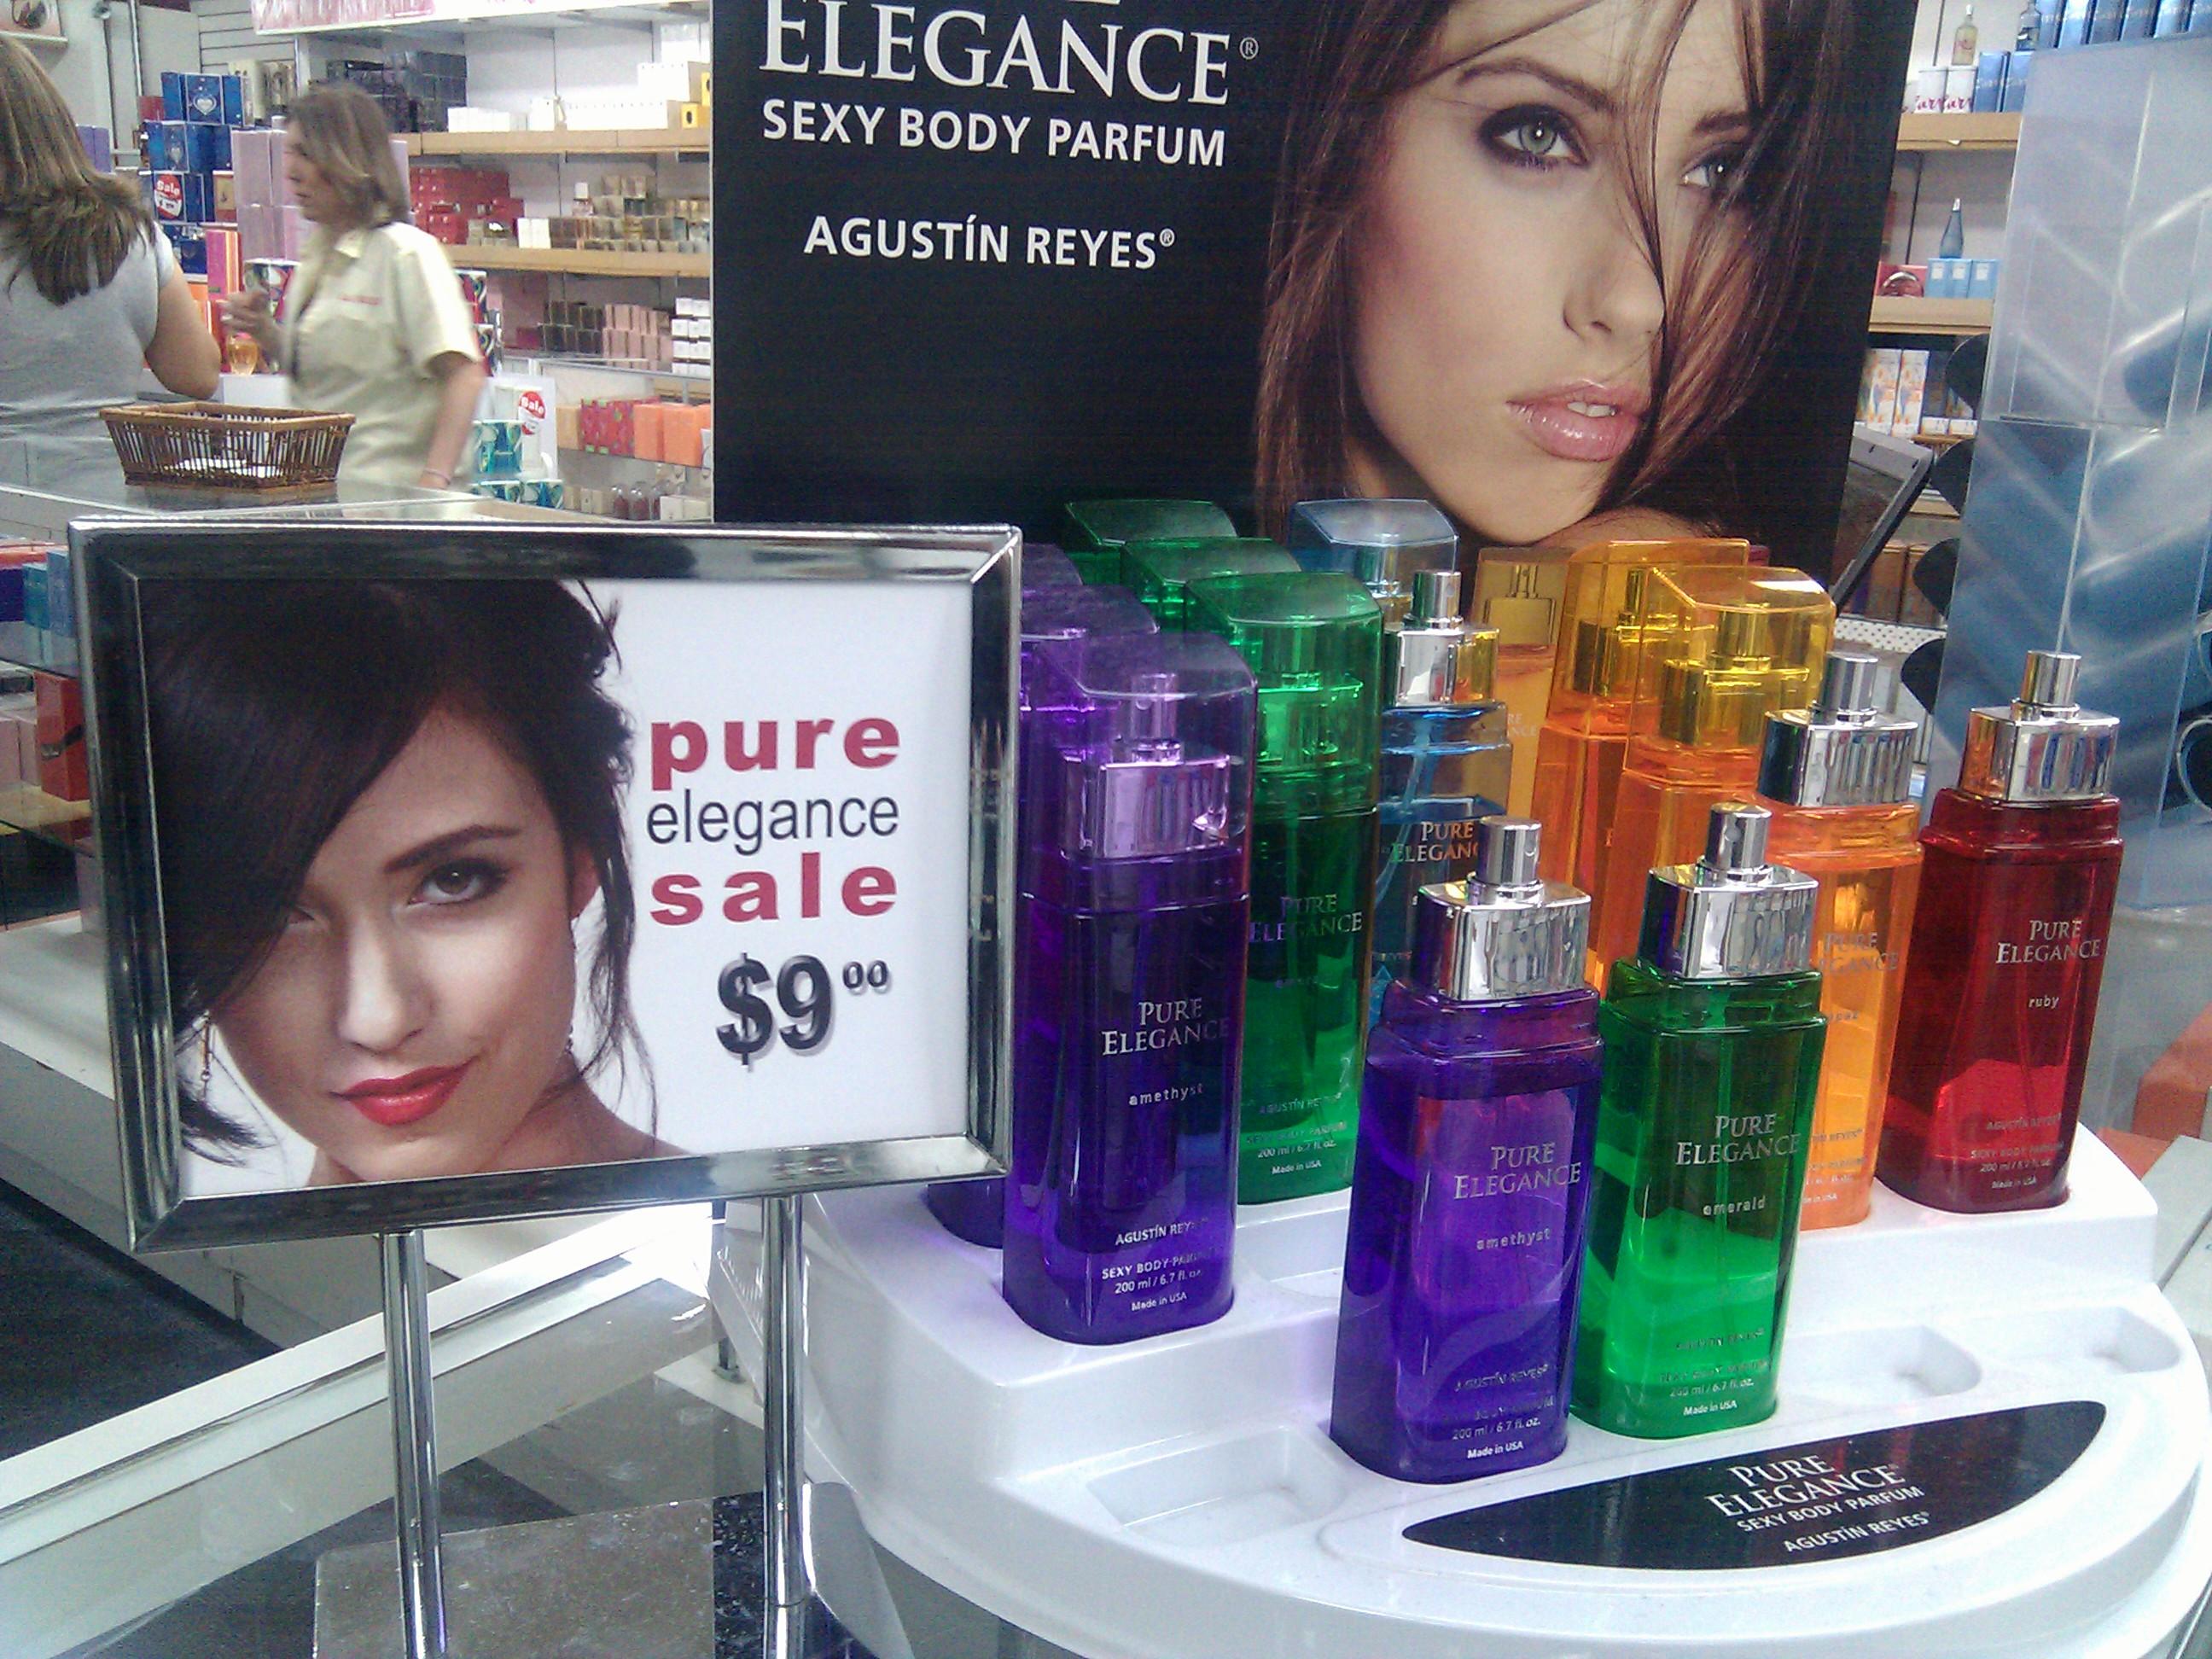 Donde comprar perfumes muy baratos en miami miami gratis for Donde comprar azulejos baratos